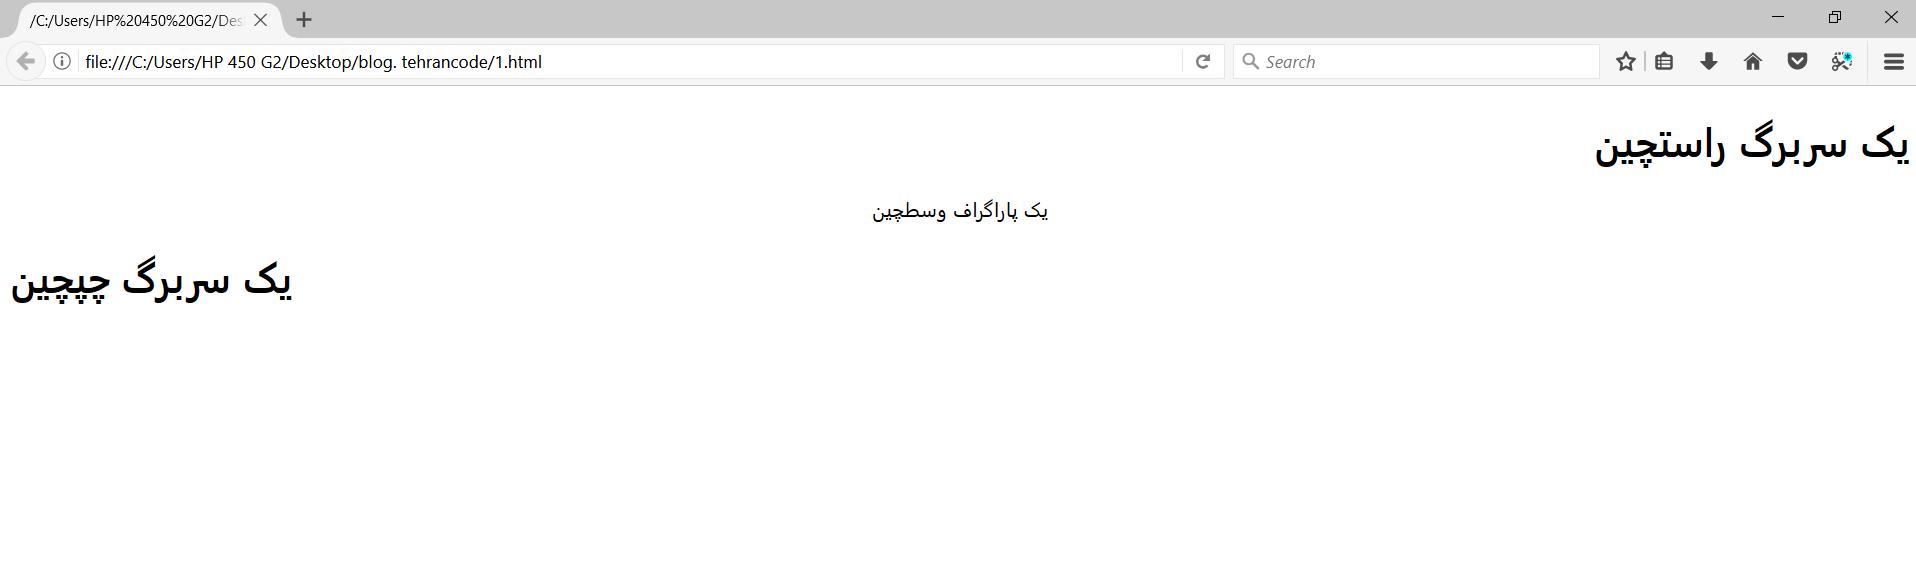 تراز بندی متن در html